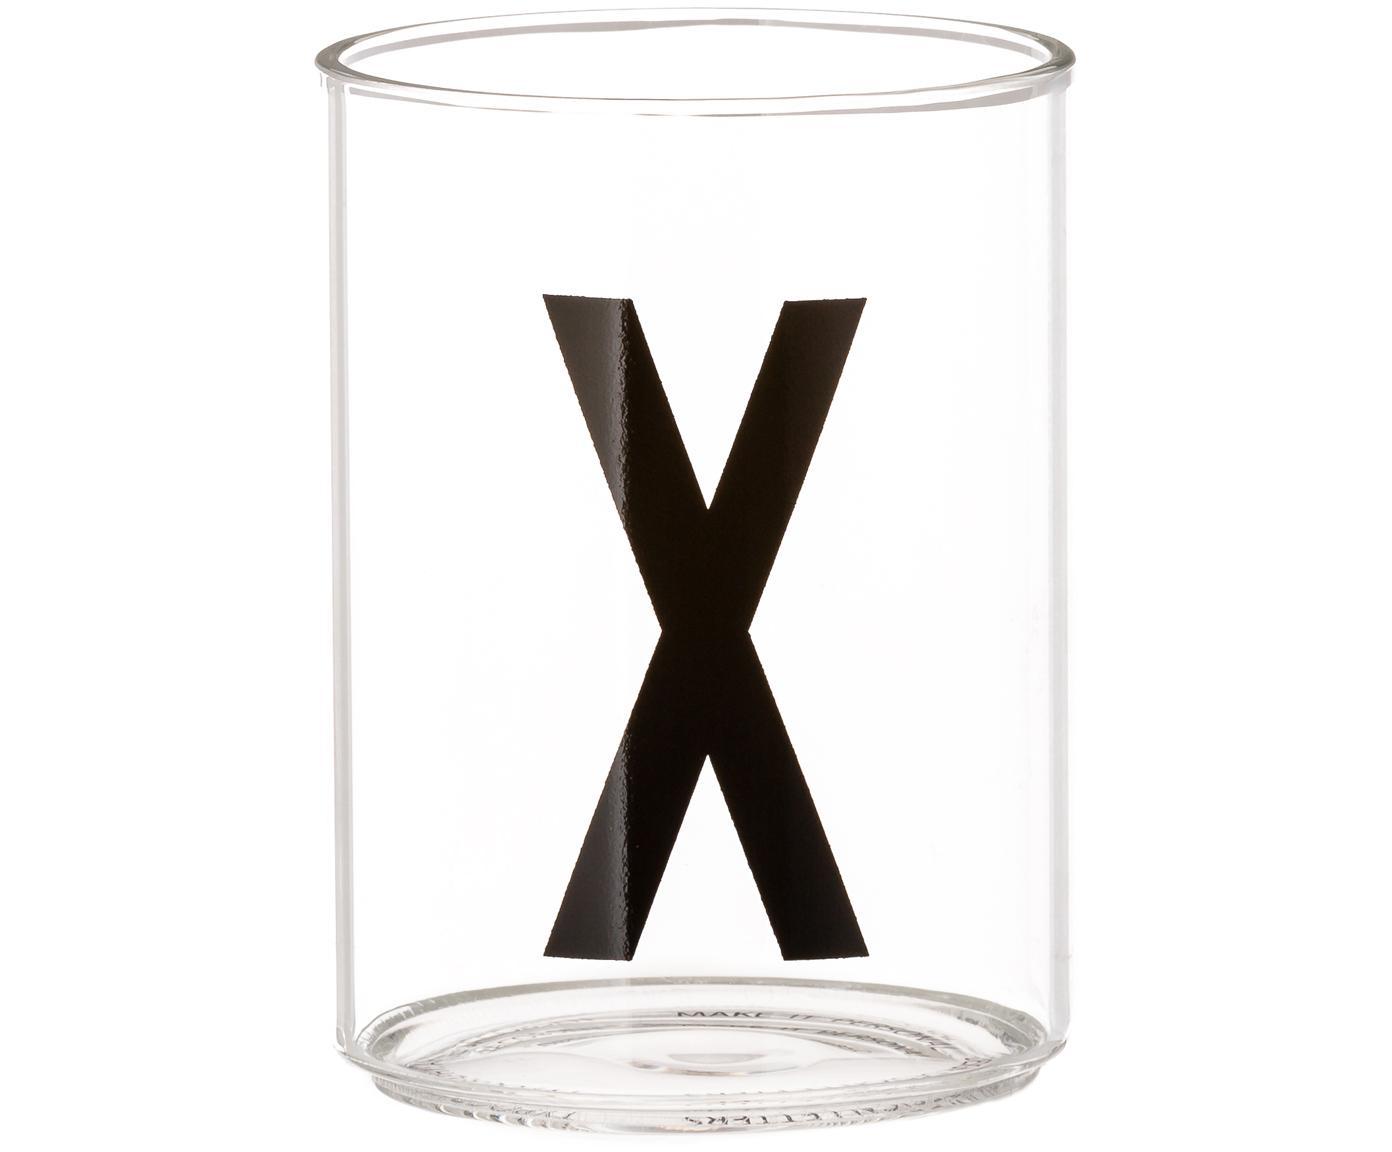 Bicchiere acqua Personal (varianti dalla A alla  Z), Vetro borosilicato, Trasparente, nero, Bicchiere per l'acqua X